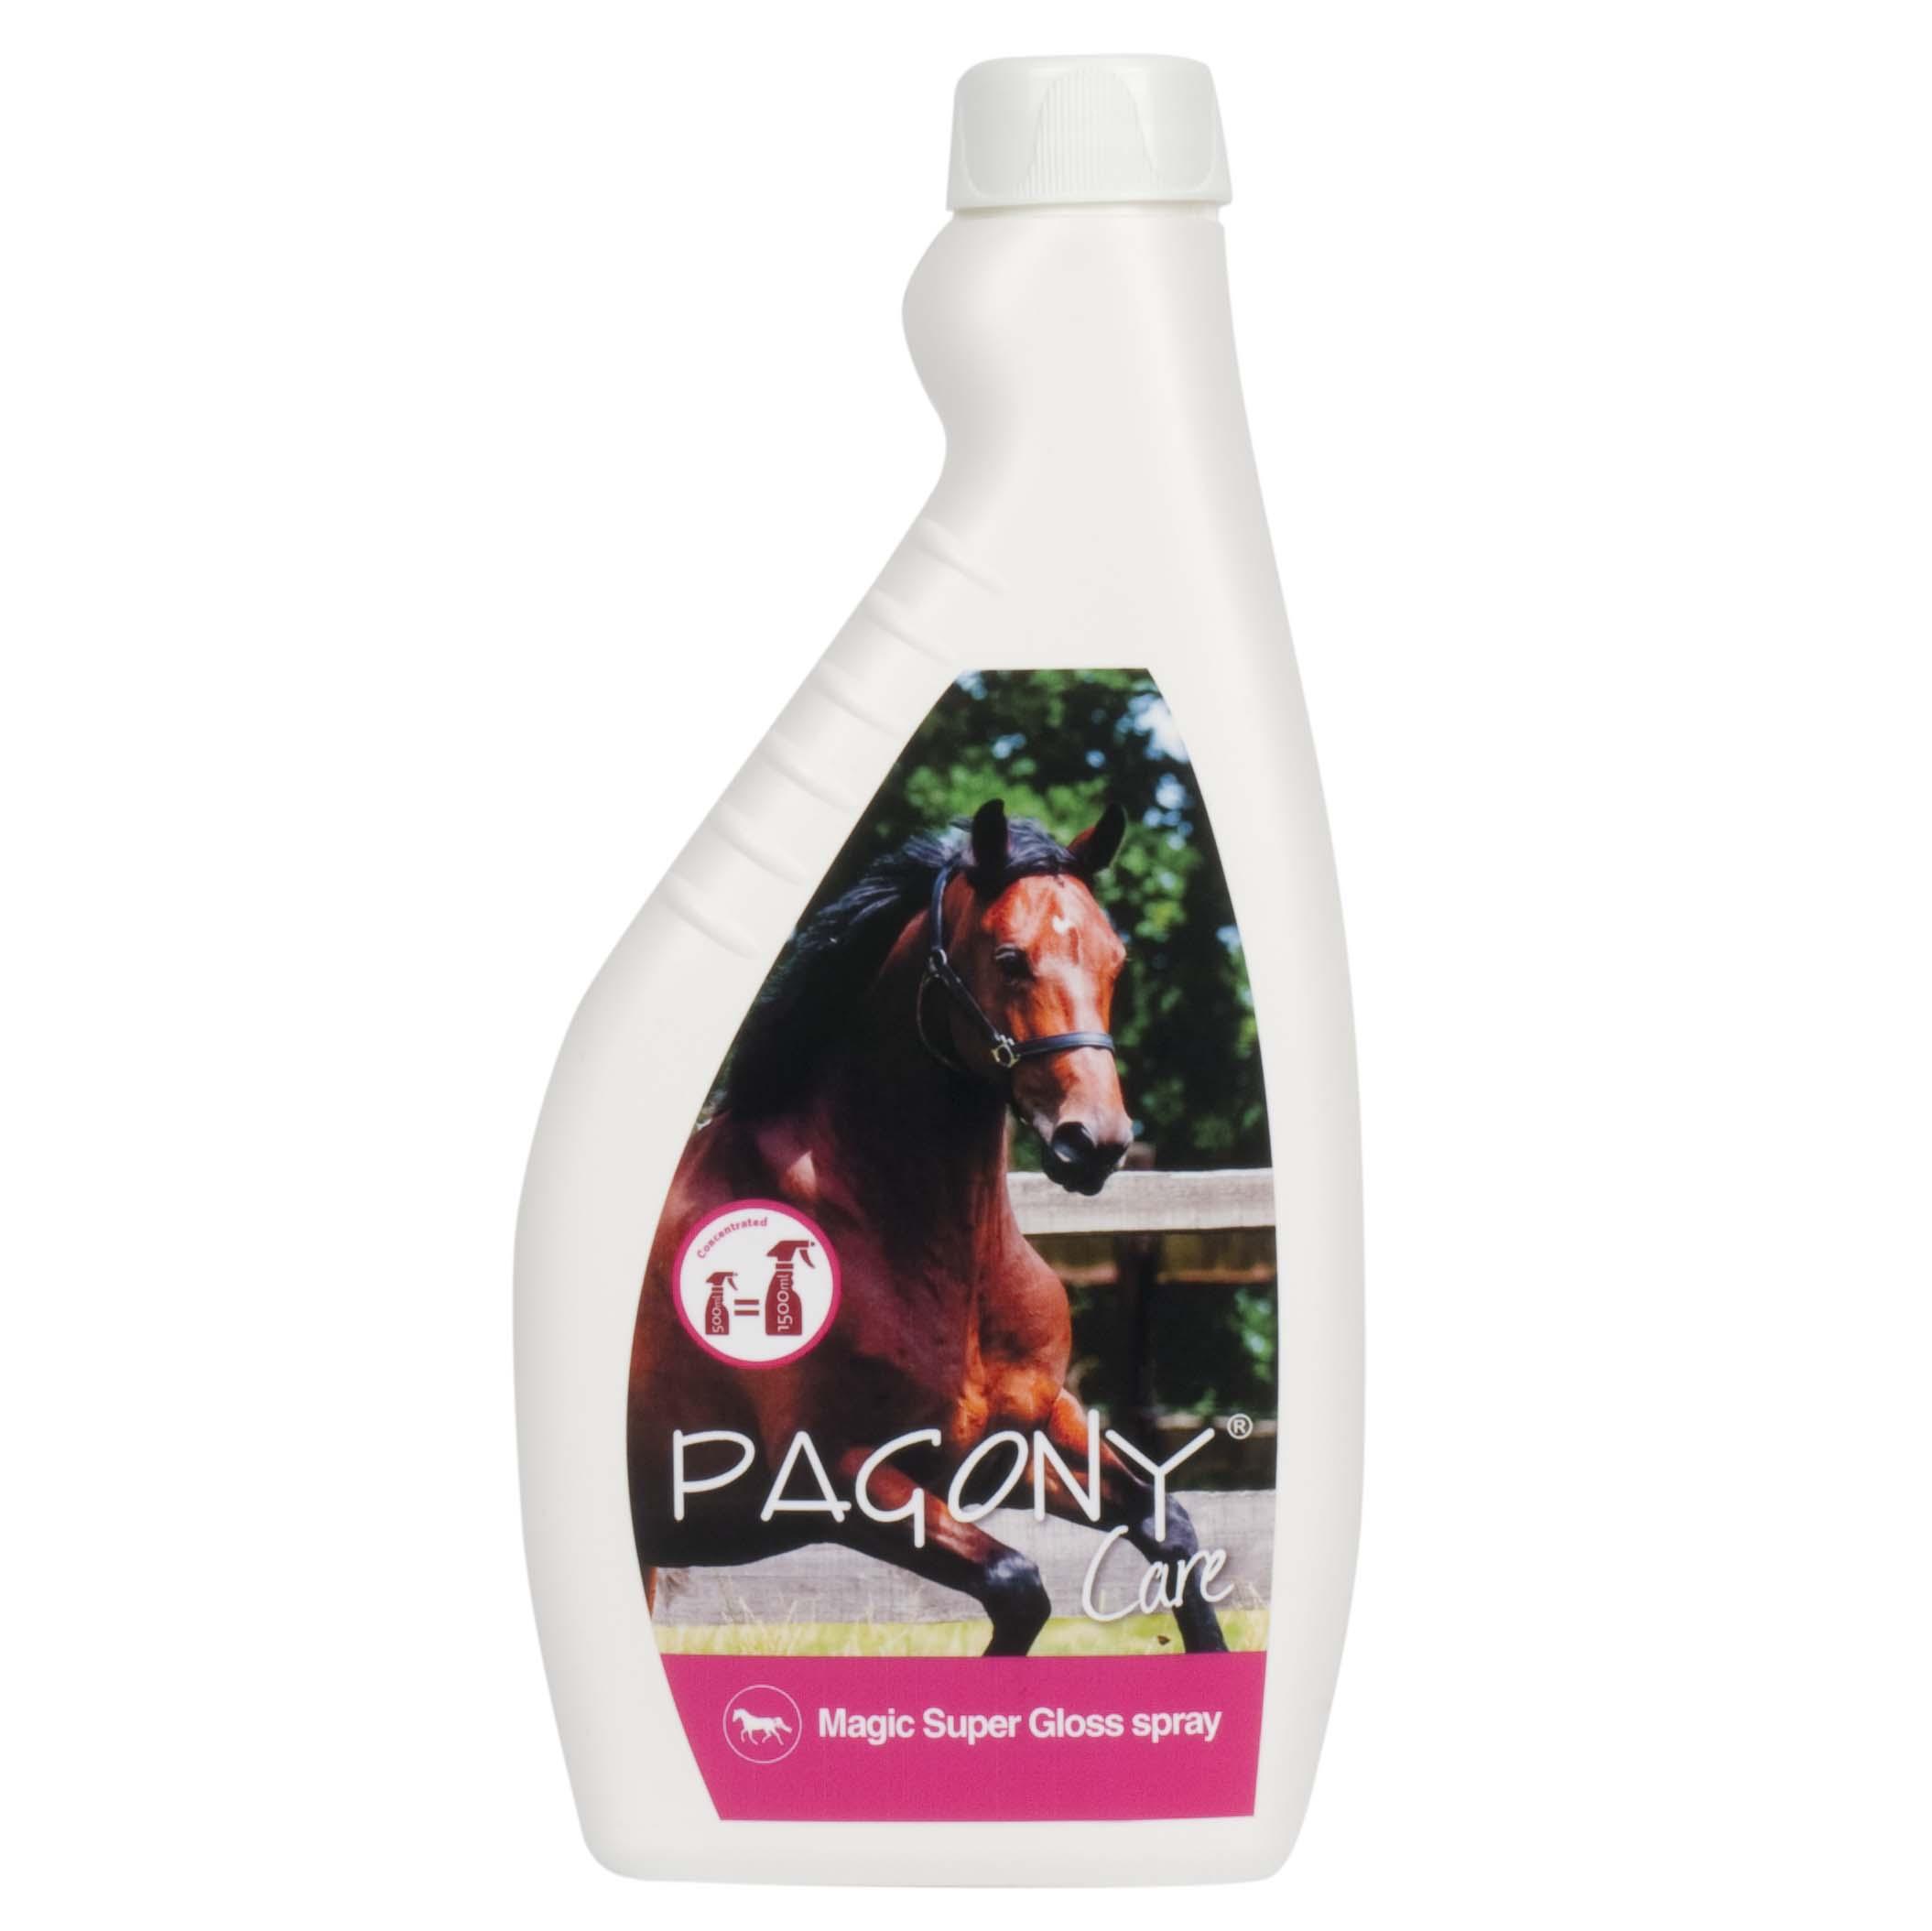 Pagony Magic Super Gloss Spray